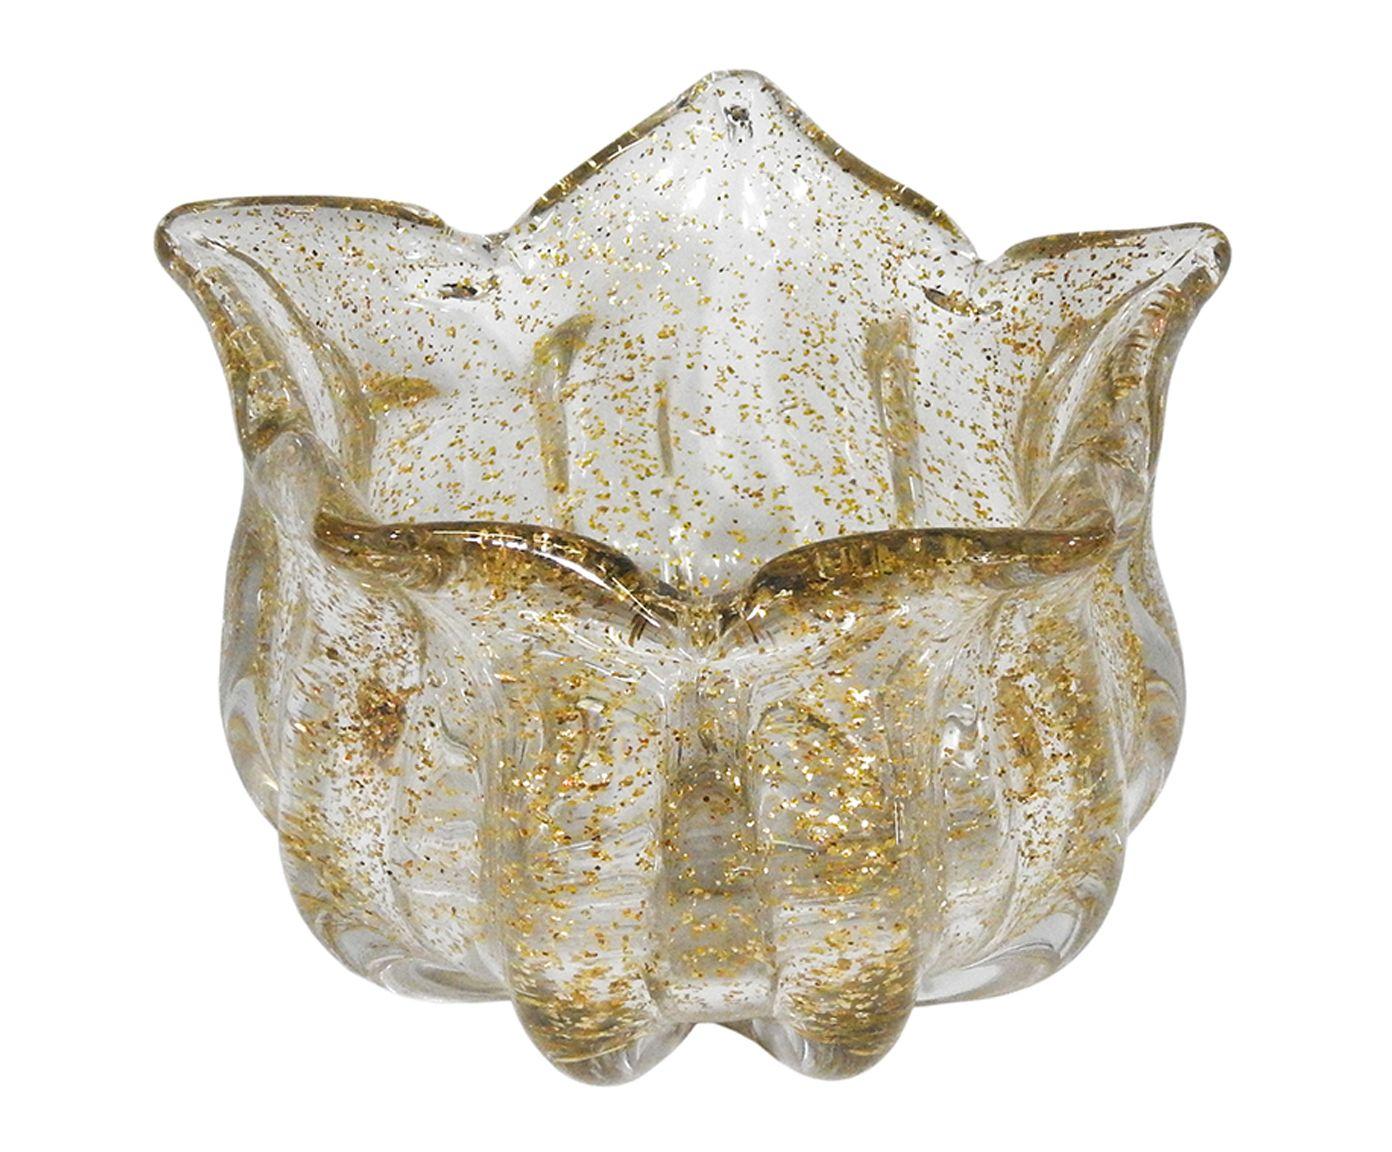 Vaso Decorativo Milas Transparente e Dourado 12x17cm | Westwing.com.br